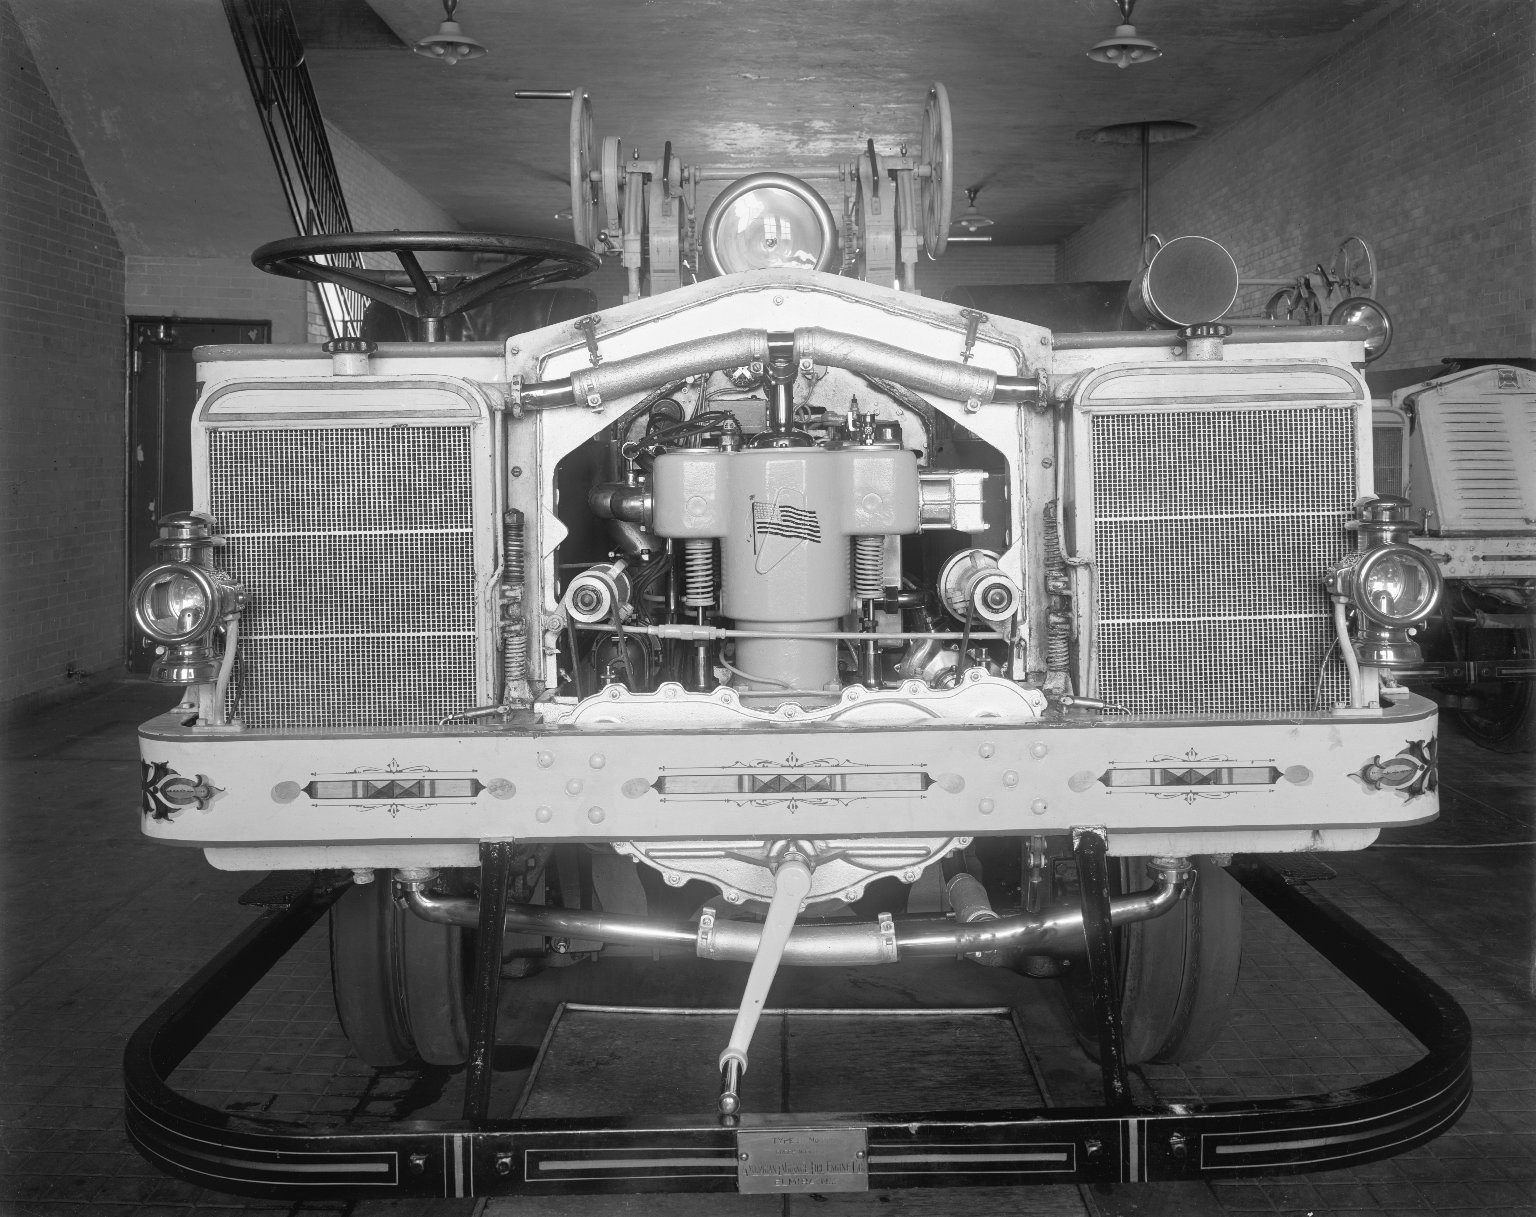 Трактор для перевозки парового пожарного насоса American LaFrance Type 18, Нью-Йорк, США, 1913 год.